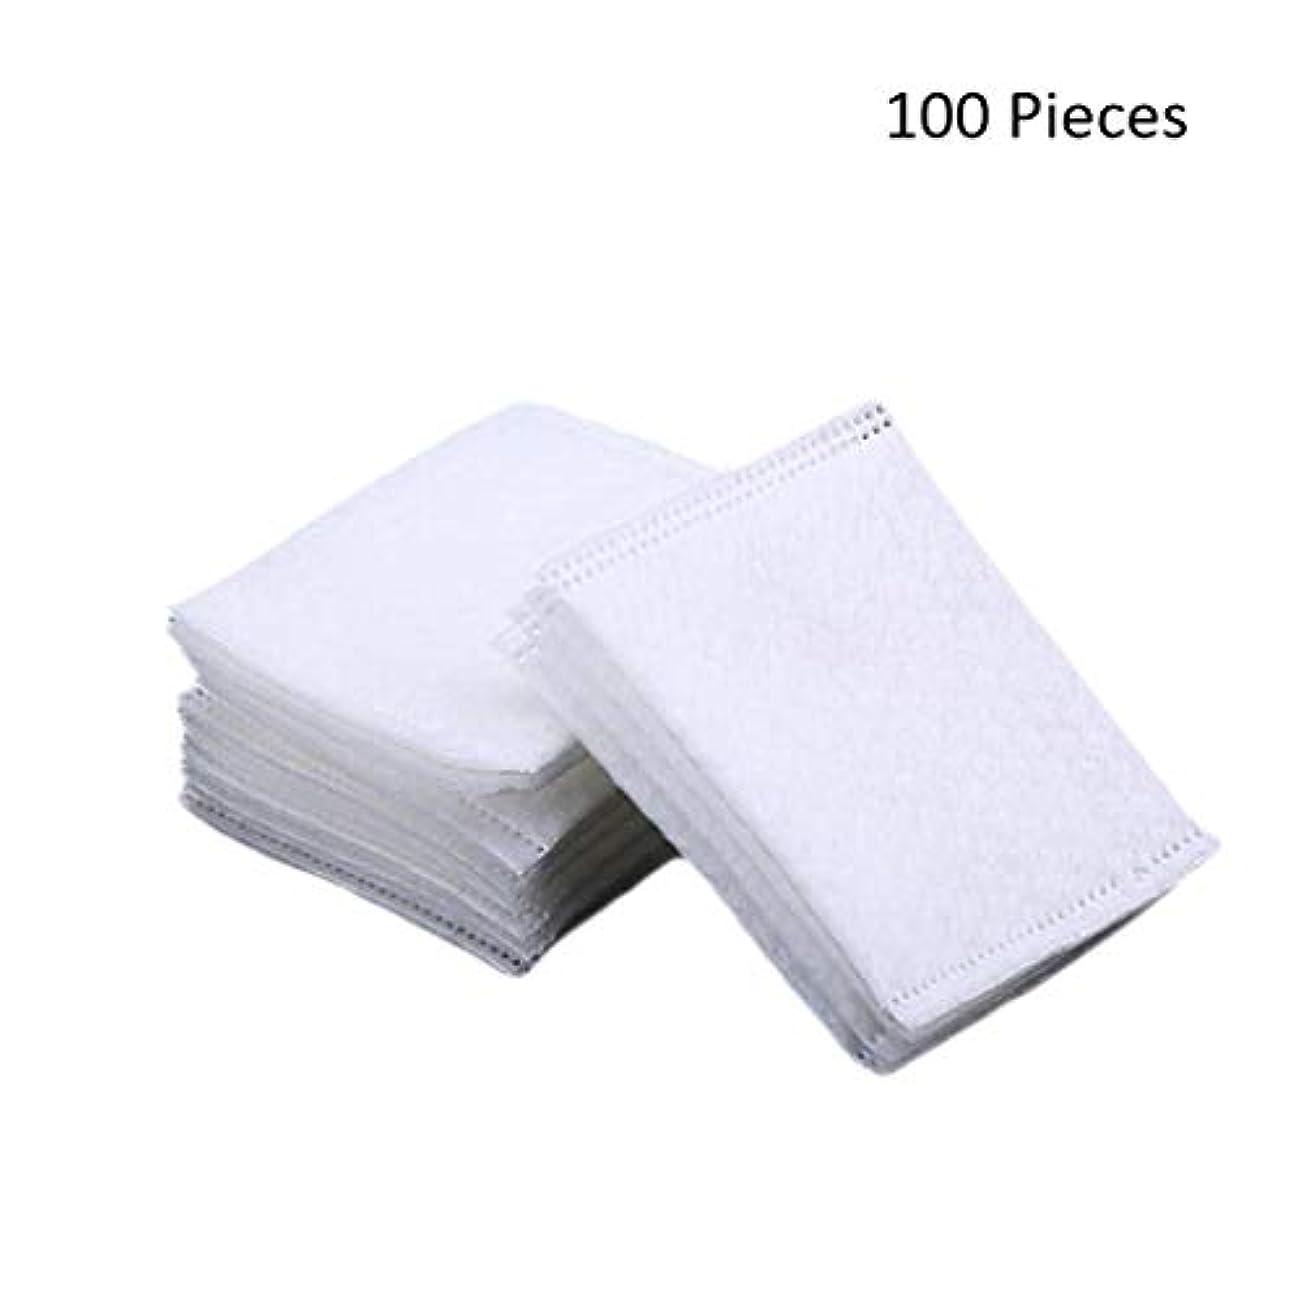 祭り関係単独で50/100/220ピースダブルサイドフェイスメイクアップリムーバーコットンパッド密封旅行削除コットンパッドスキン化粧品メイクアップツール (Color : White, サイズ : 100 Pieces)